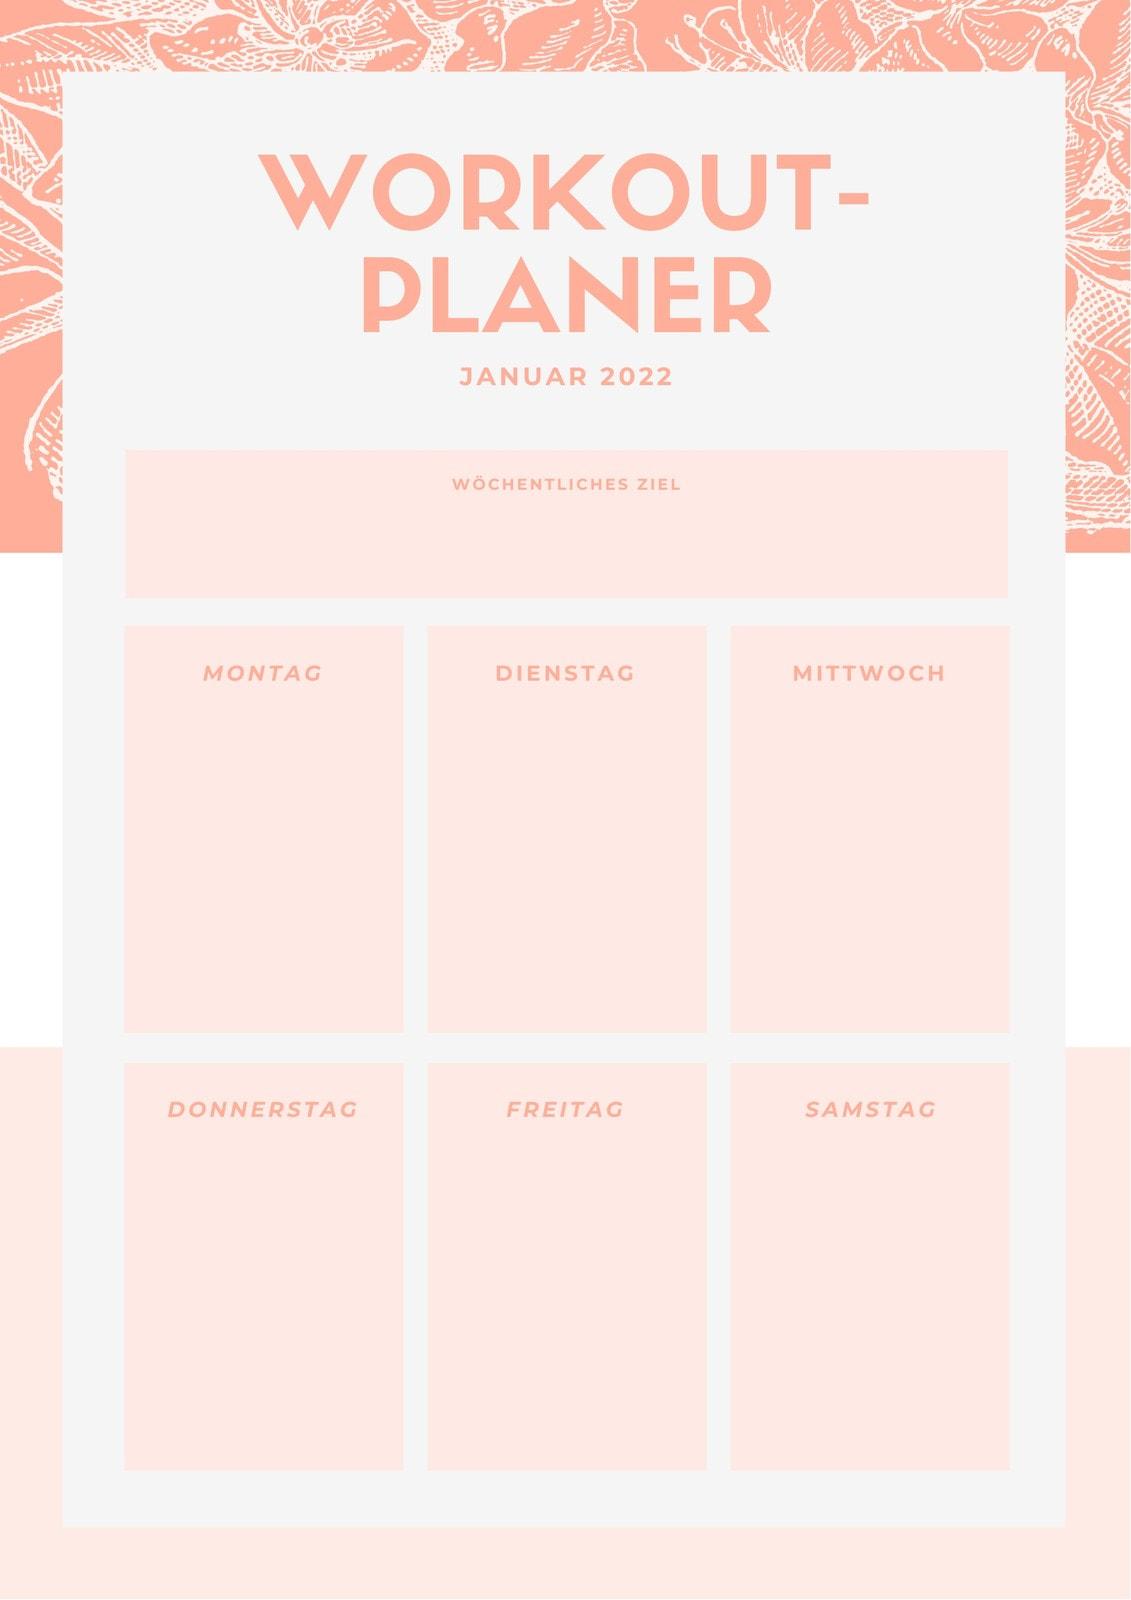 Rosa Floral Illustration Workout-Planer